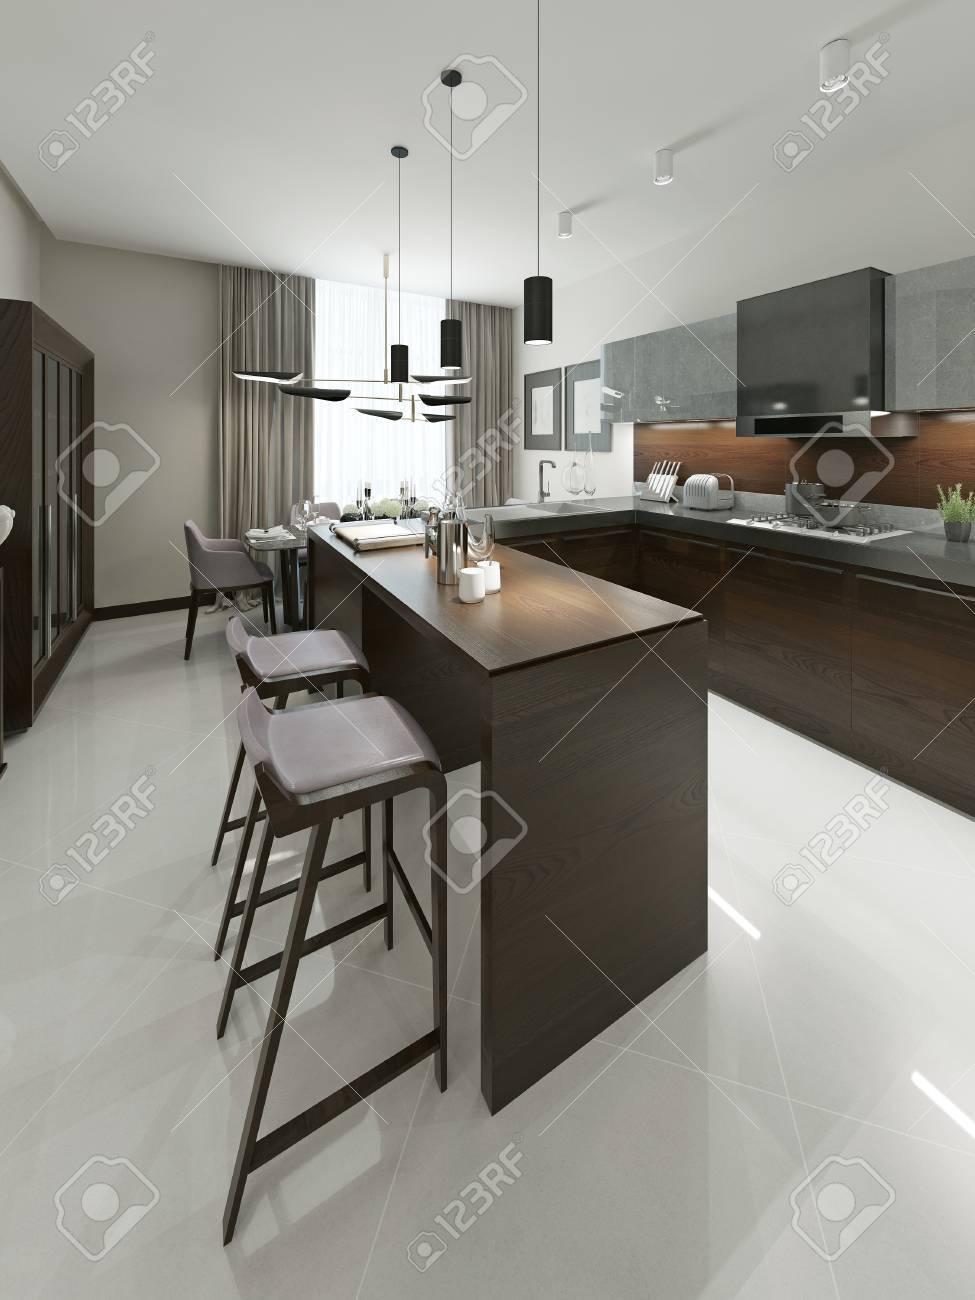 interieur cuisine contemporaine avec bar et tabourets de bar cuisine meubles en bois avec des inserts metalliques dans les tons bruns et gris 3d